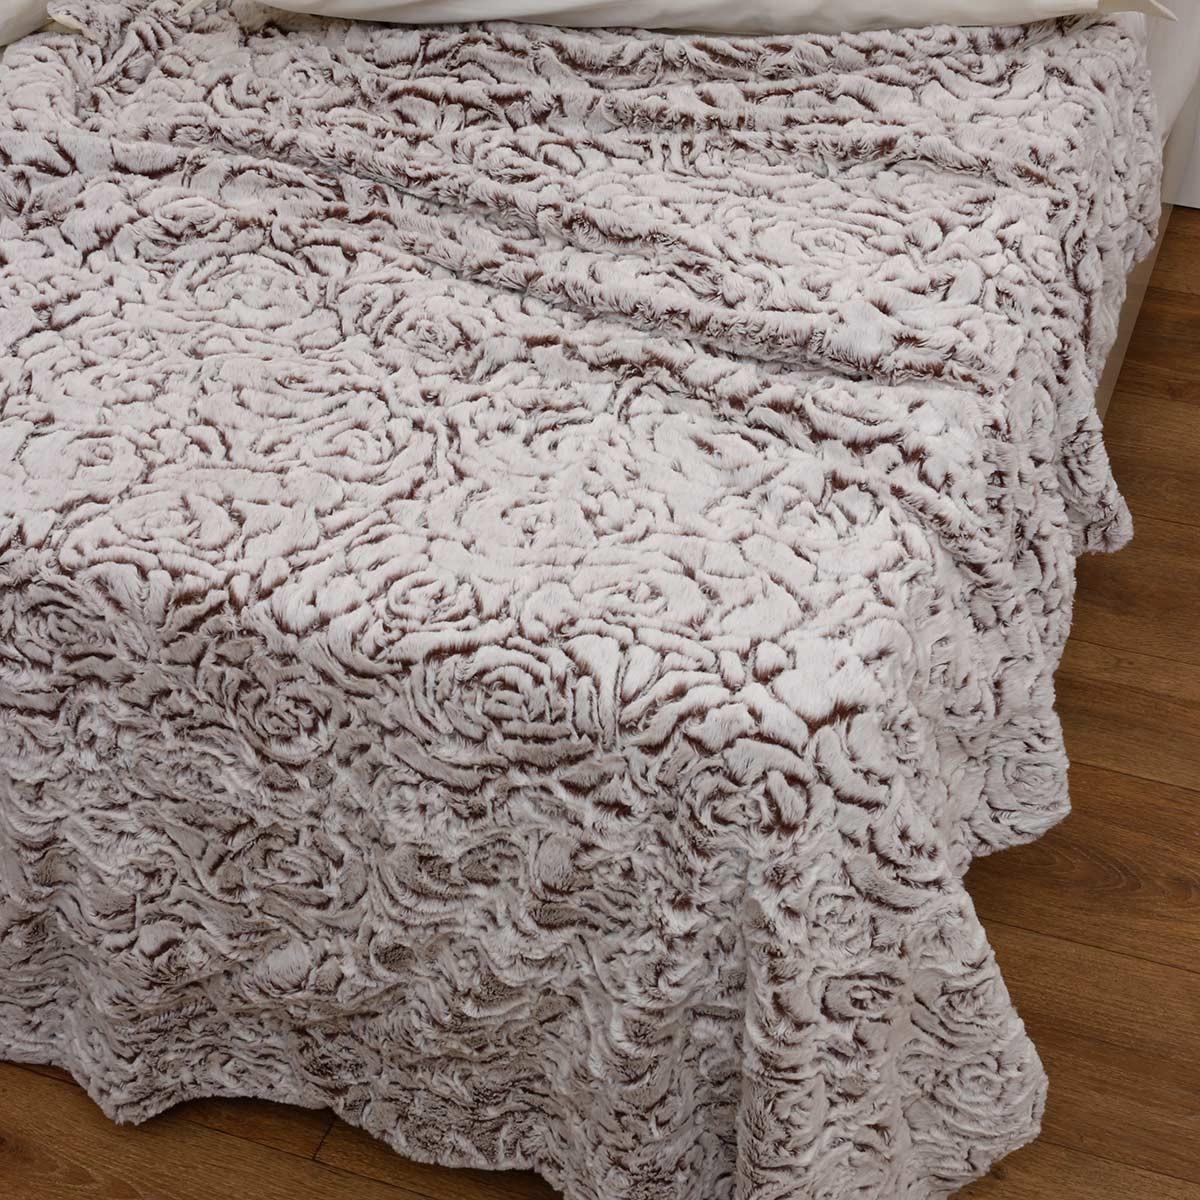 Κουβέρτα Fleece Υπέρδιπλη Με Γουνάκι Anna Riska 370 Beige home   κρεβατοκάμαρα   κουβέρτες   κουβέρτες fleece υπέρδιπλες